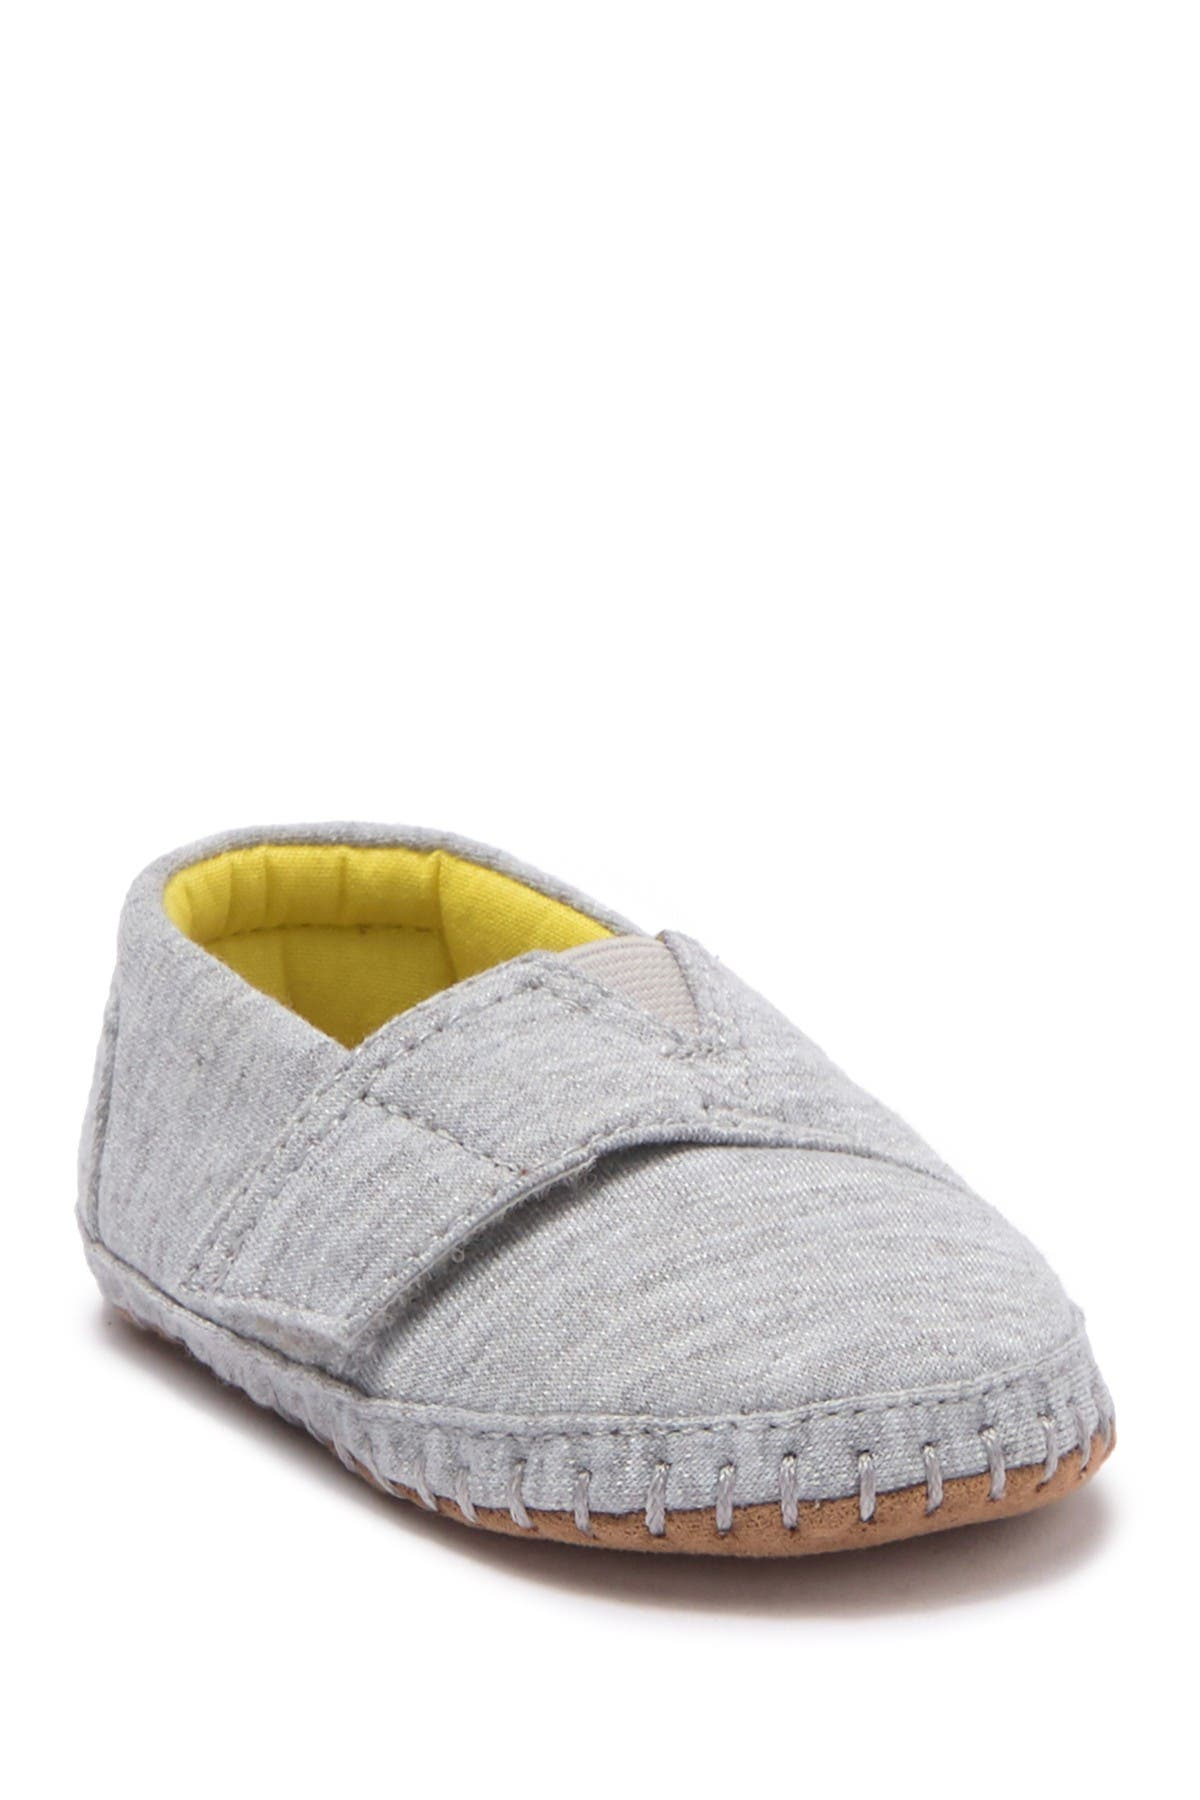 TOMS | Crib Alpargata Slip-On Sneaker